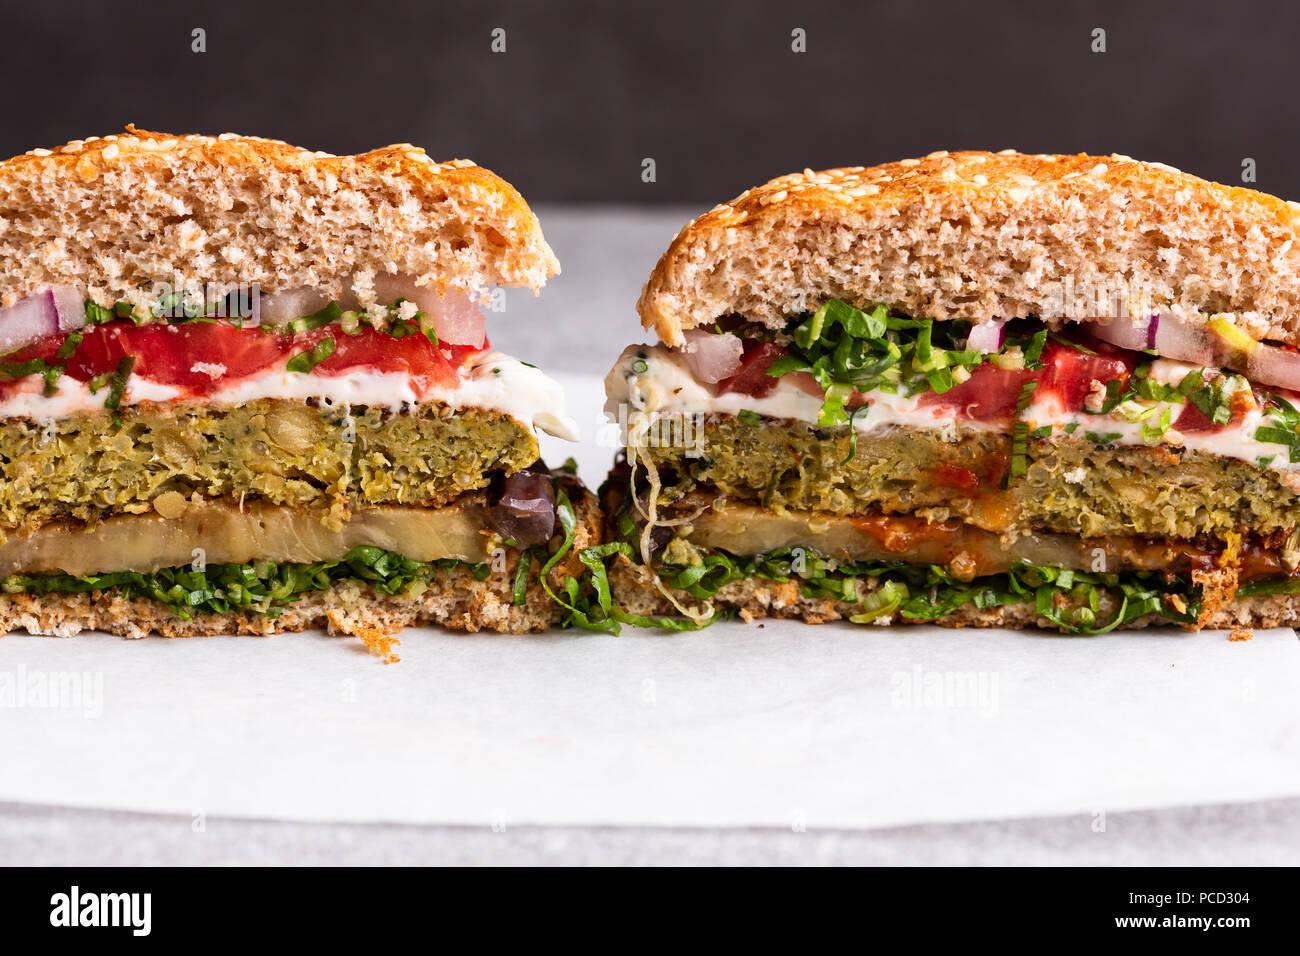 Cut in half vegetarian Burger Stock Photo